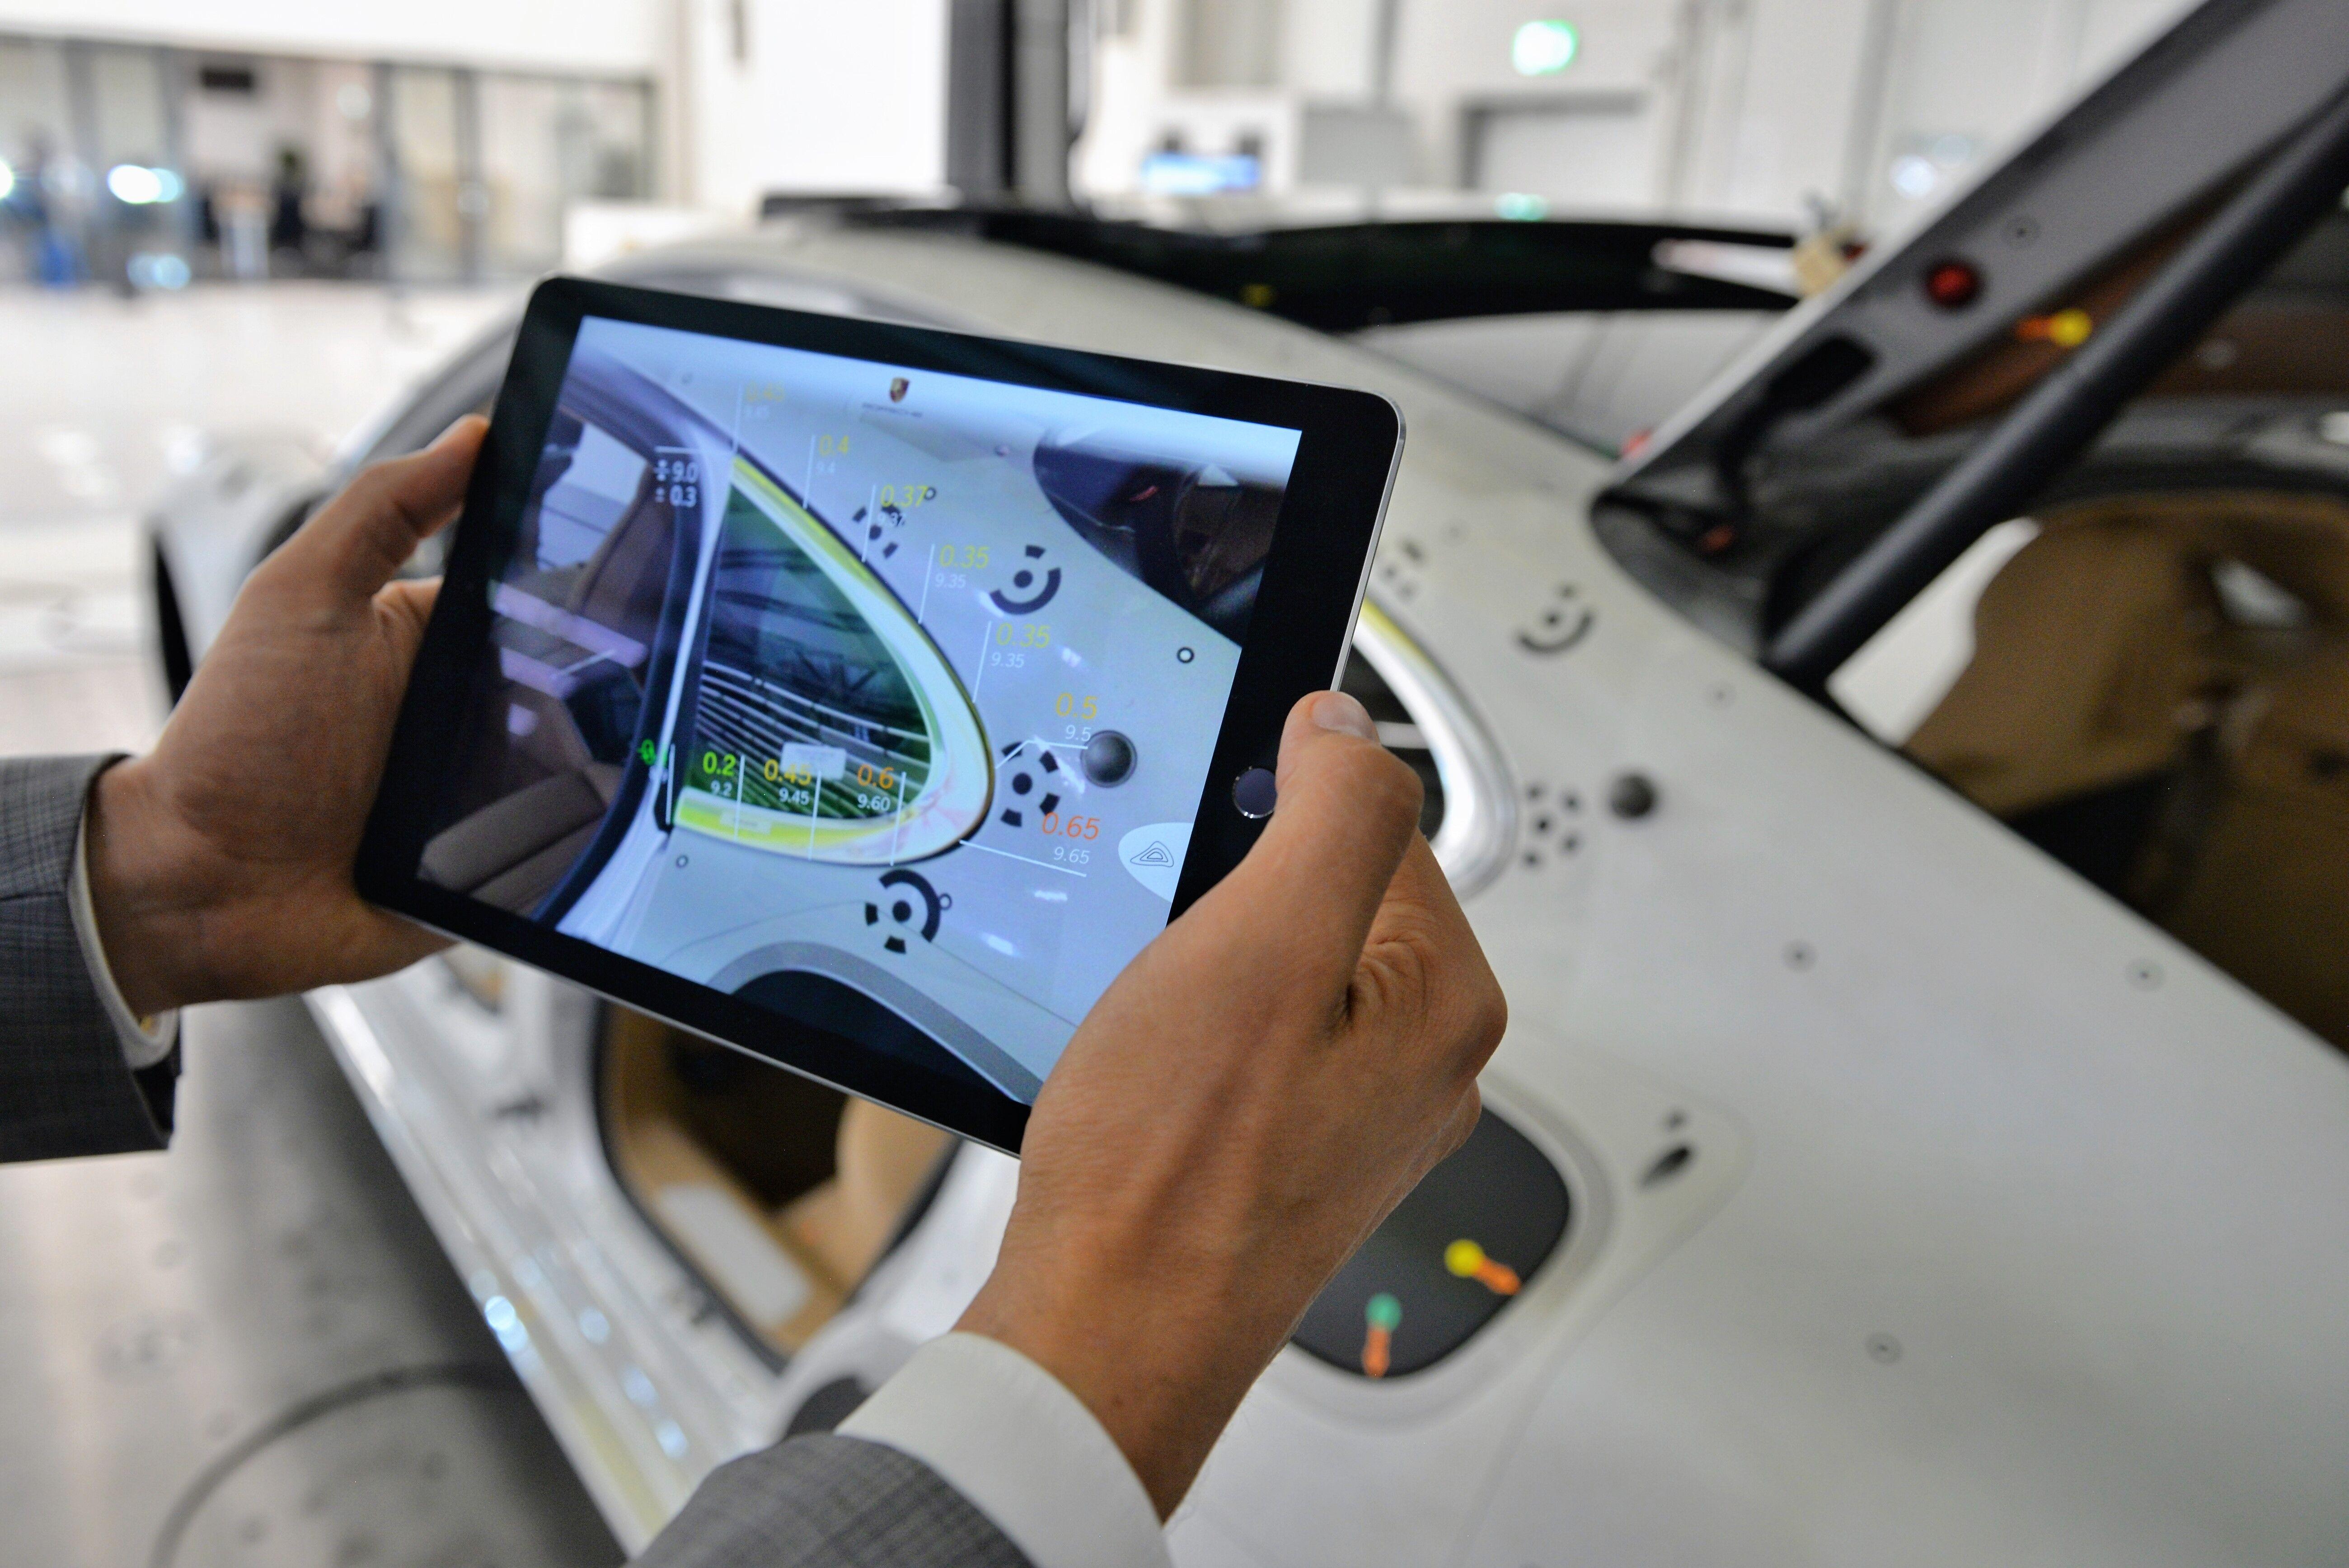 En Porsche, las tabletas se convierten en una herramienta de control de calidad.